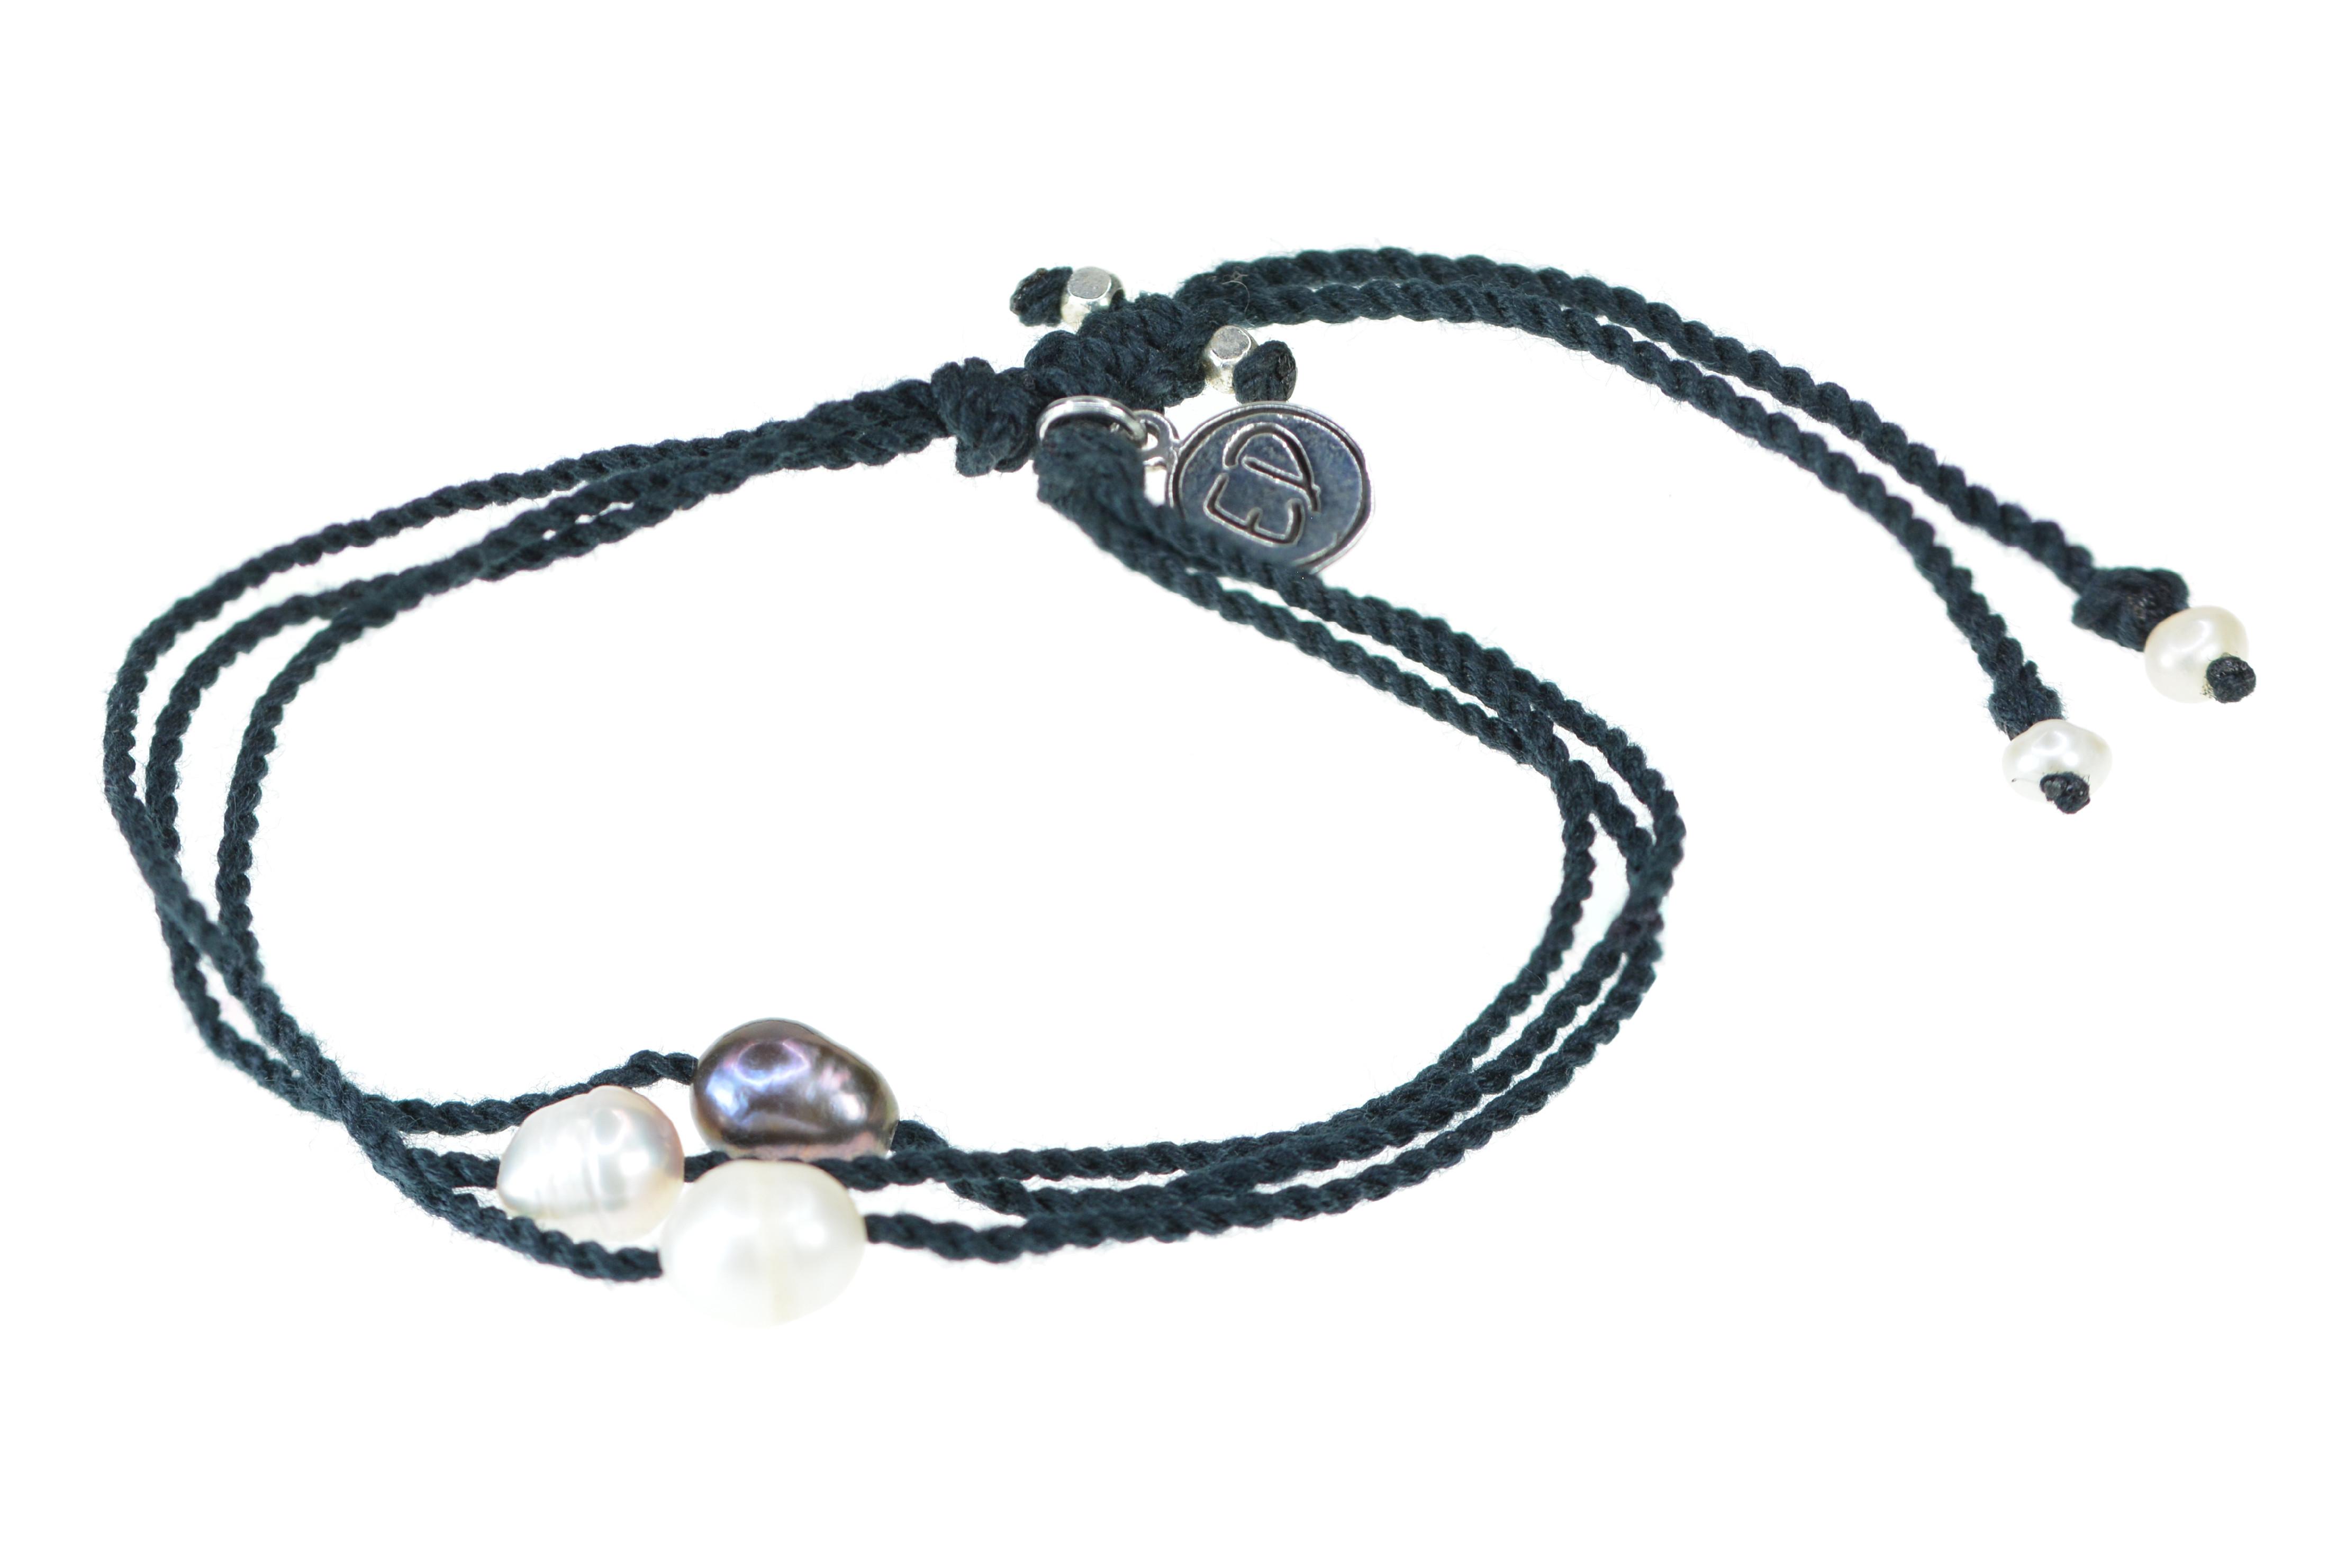 Dámsky pletený náramok s tromi perlami - čierny